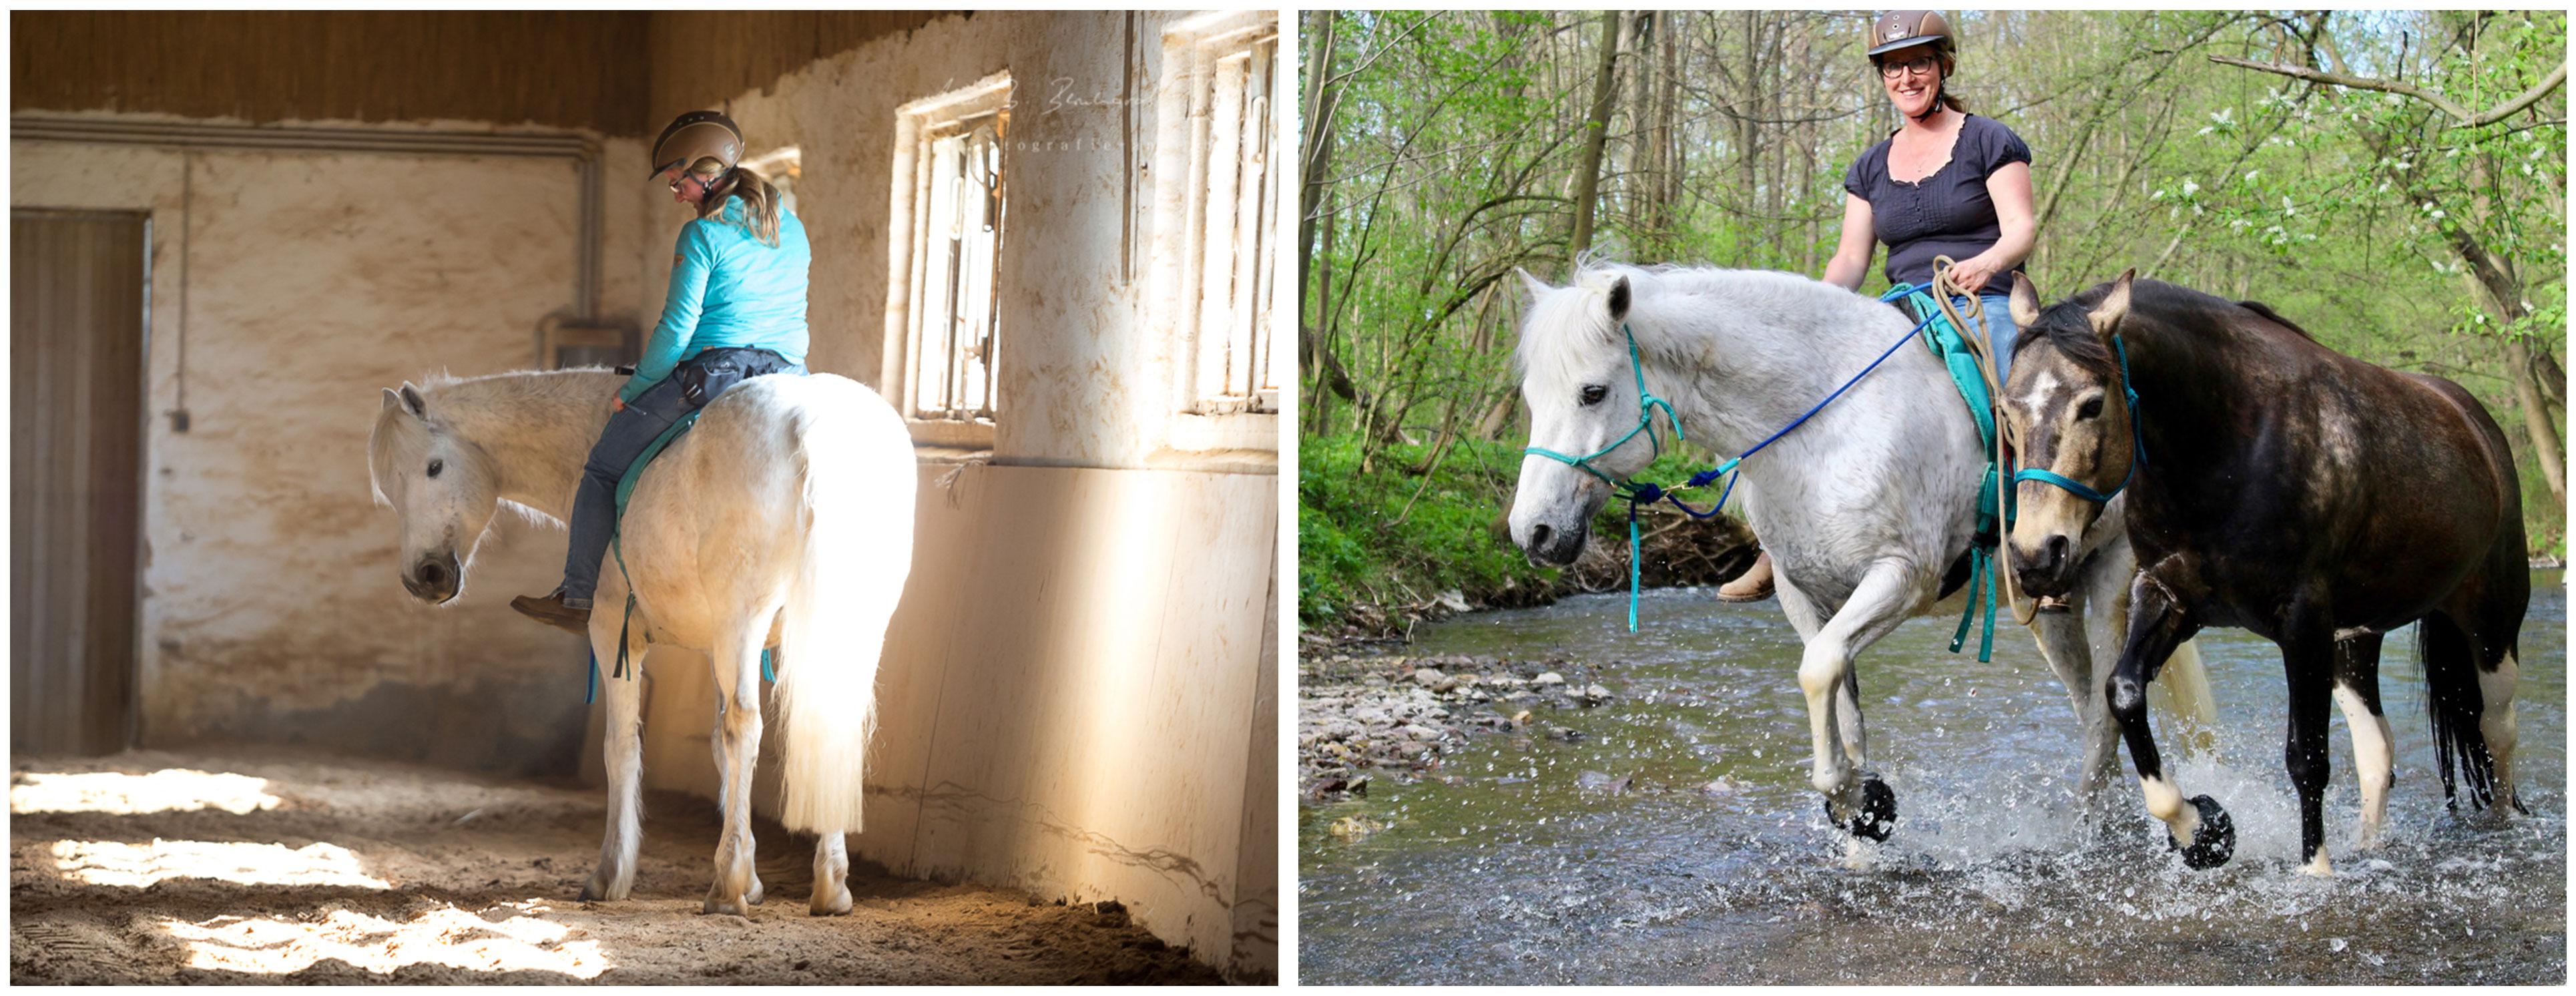 Pferdemenschen & ihre Pferde